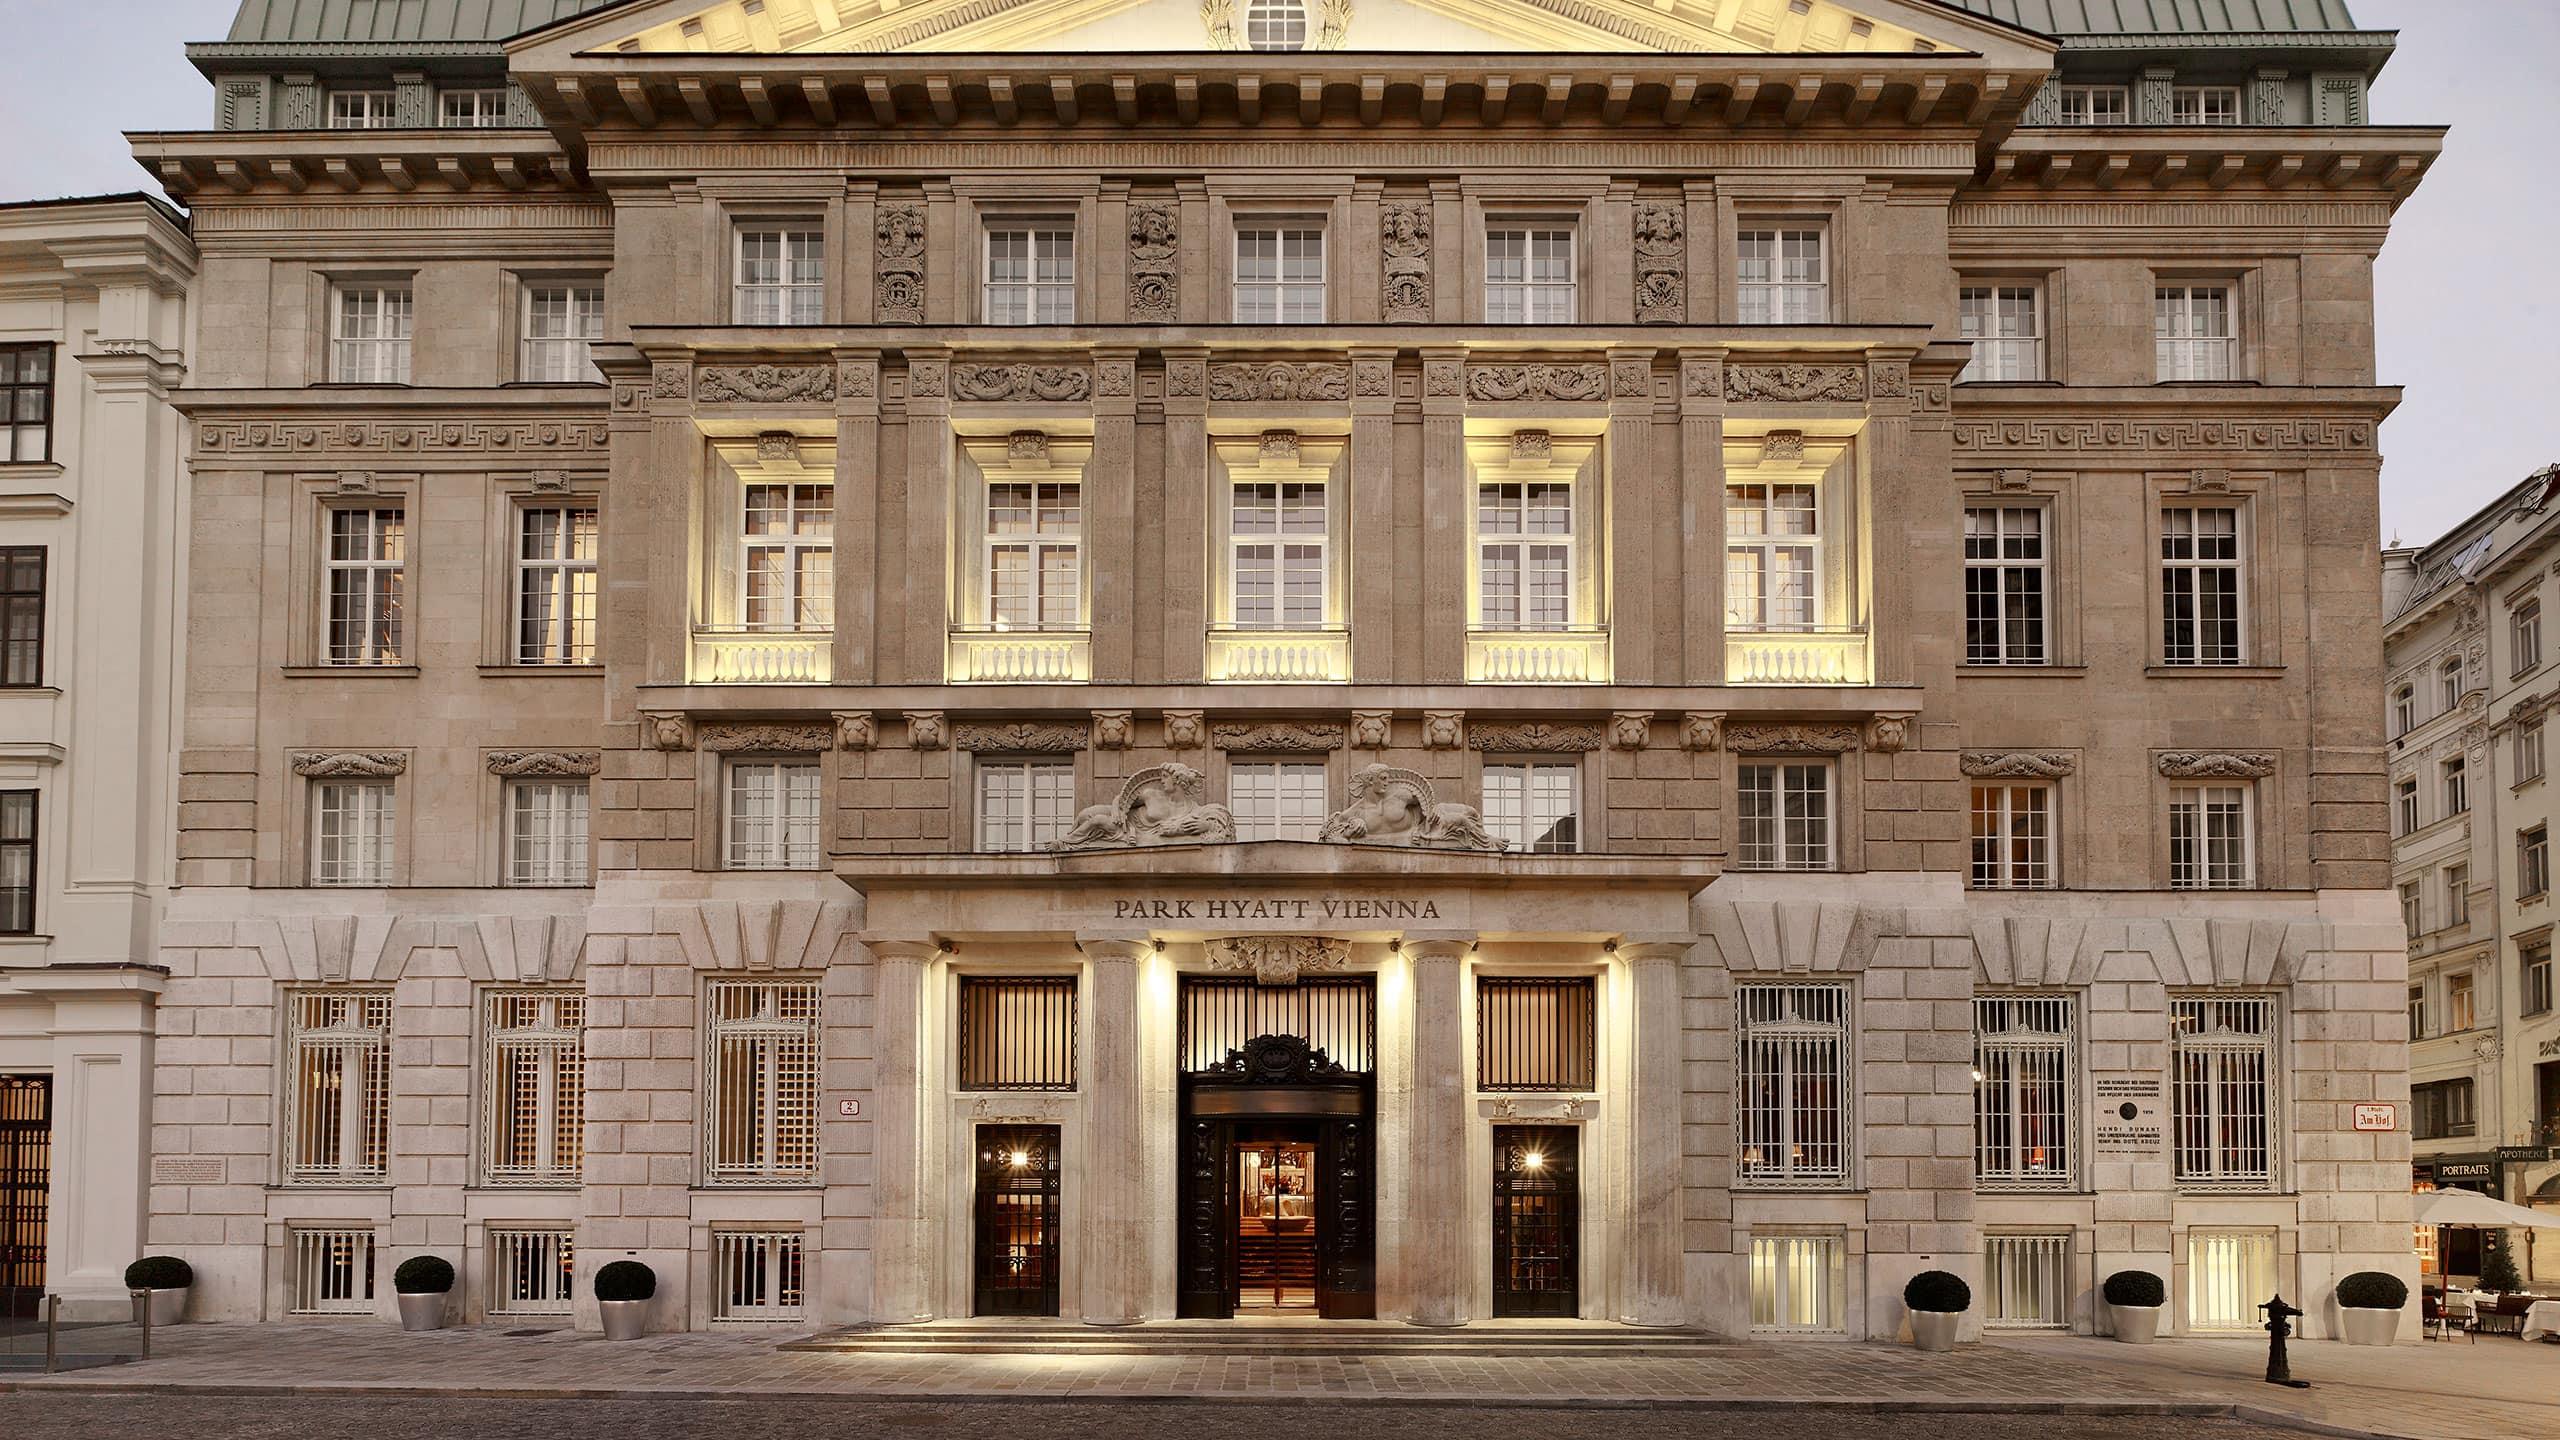 Park Hyatt Vienna: Luxury Hotel Vienna near St. Stephen's Cathedral